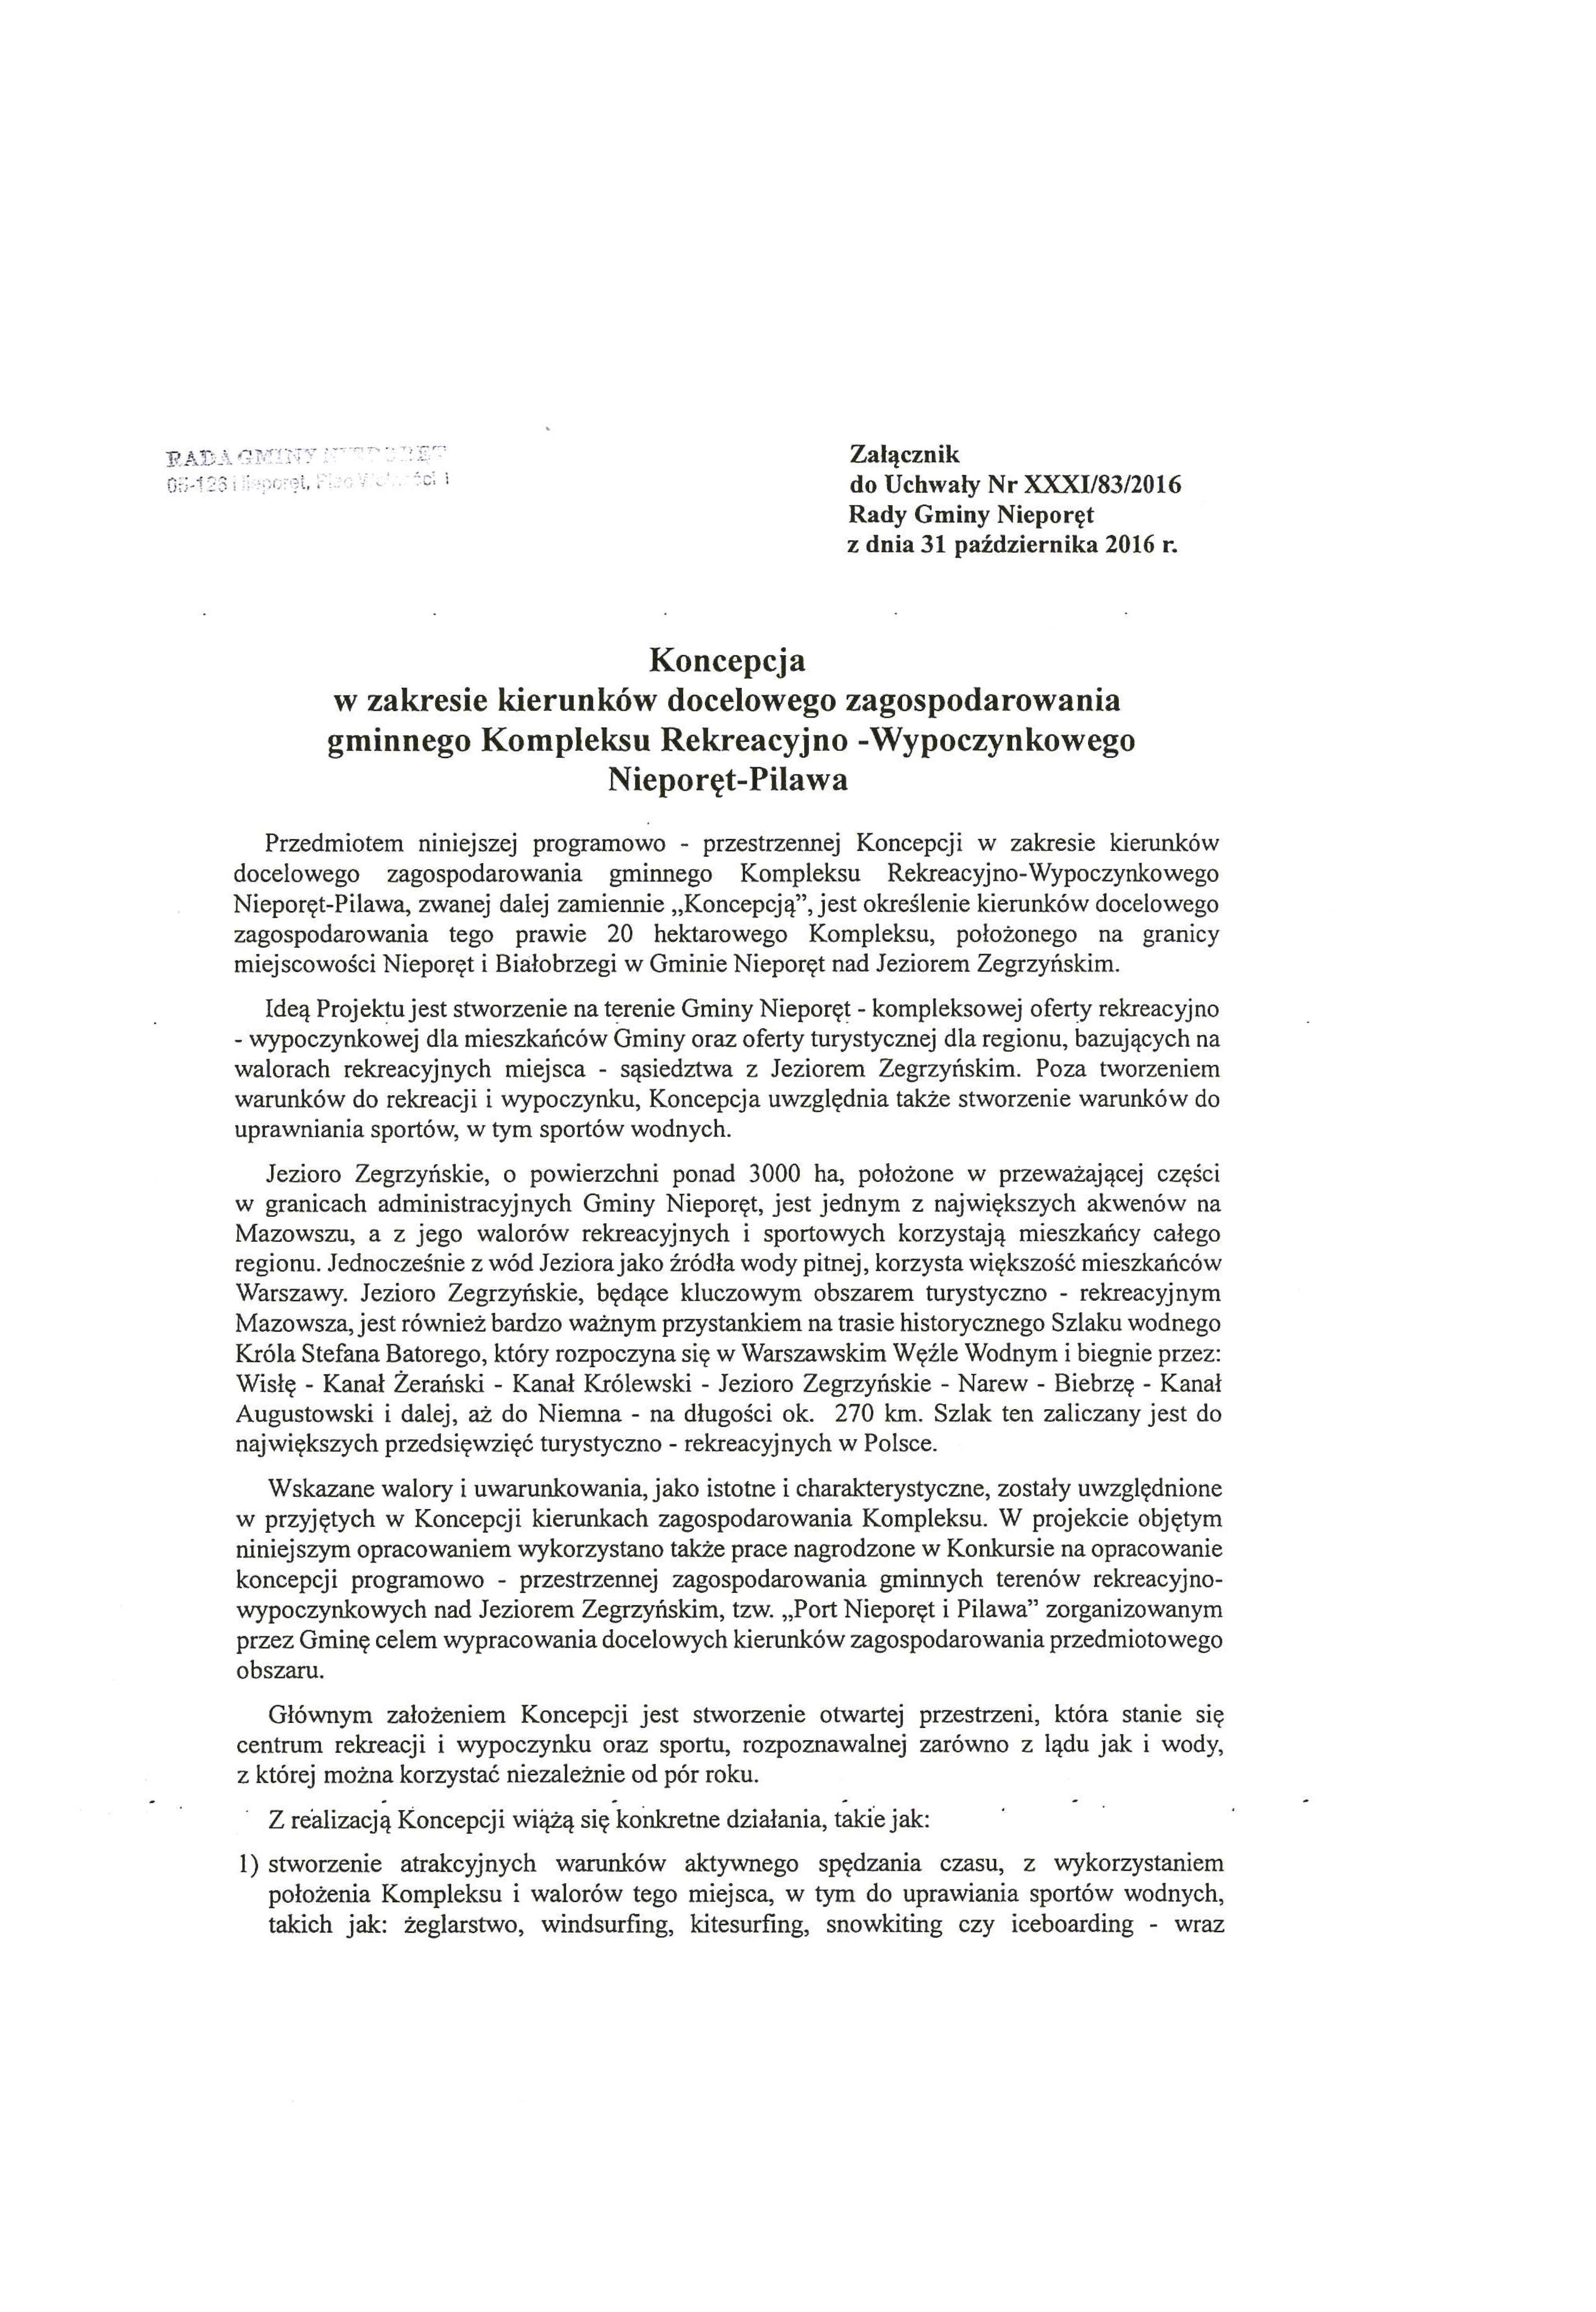 UCHWAŁA-2